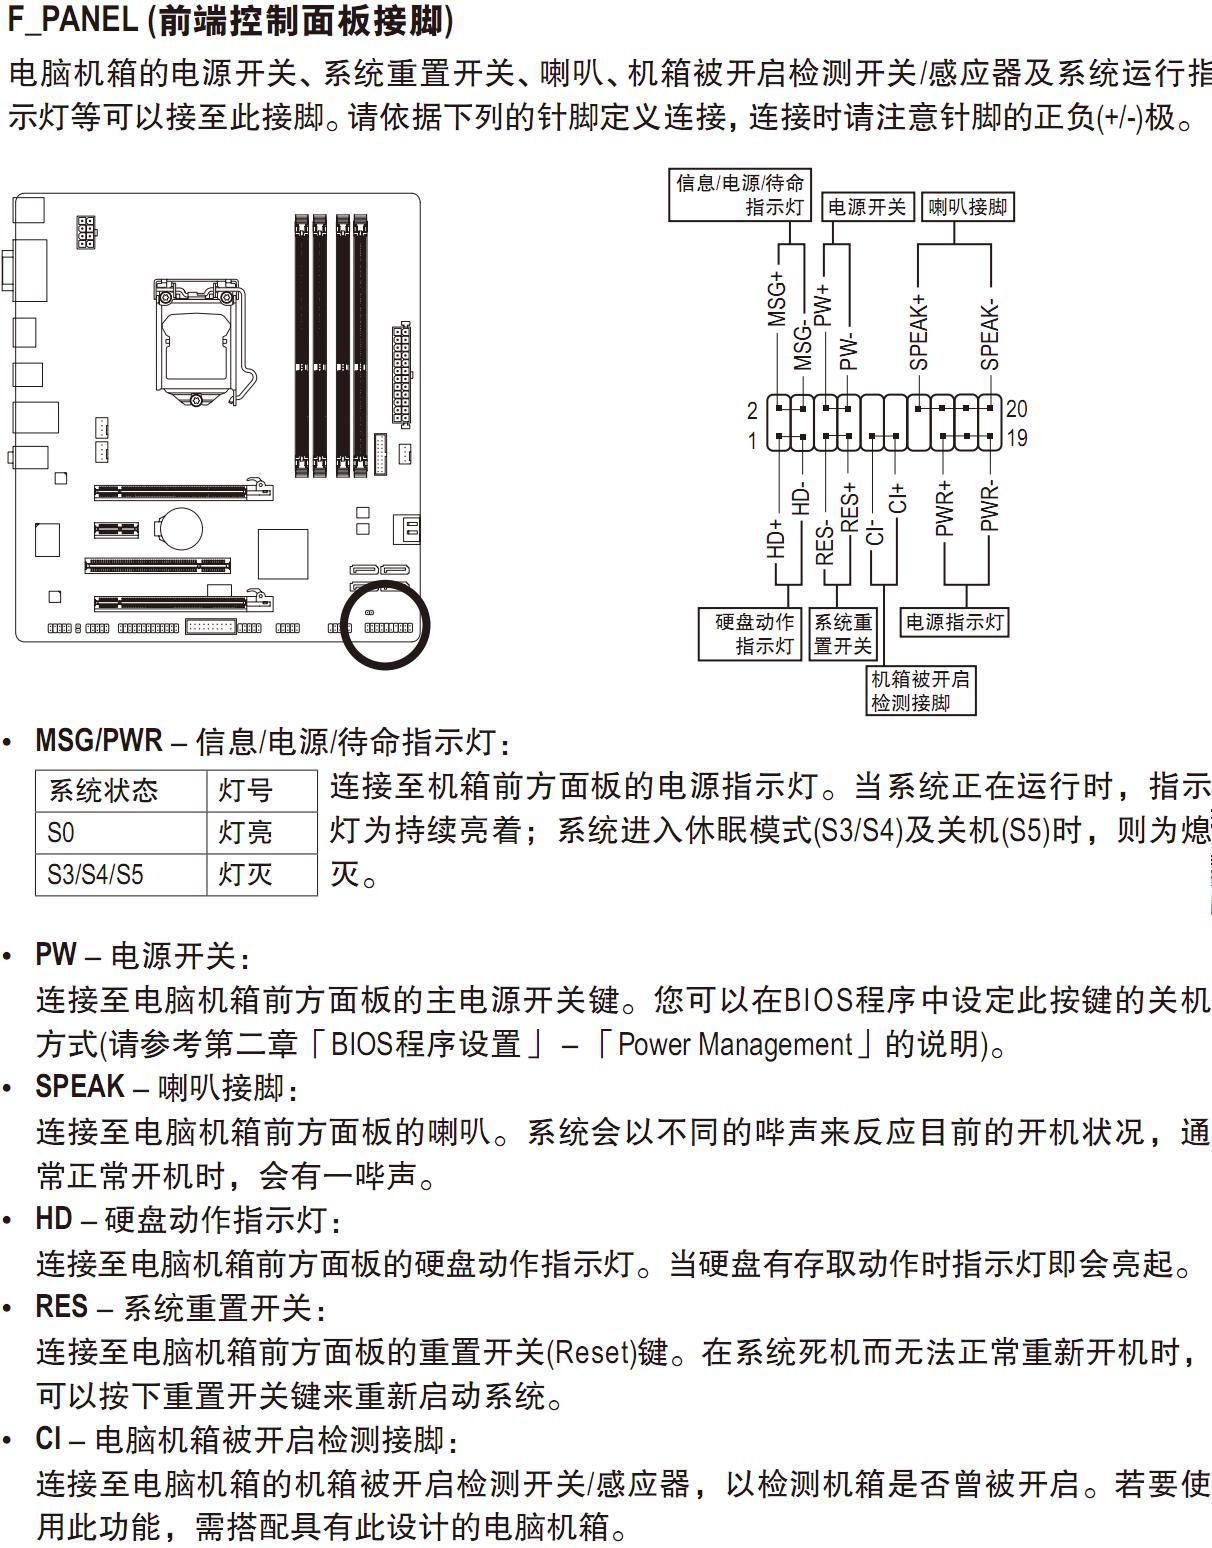 电脑技嘉主板开关接线图_技嘉H77主板 小幻影机箱 求控制线连接方法最好有图_百度知道